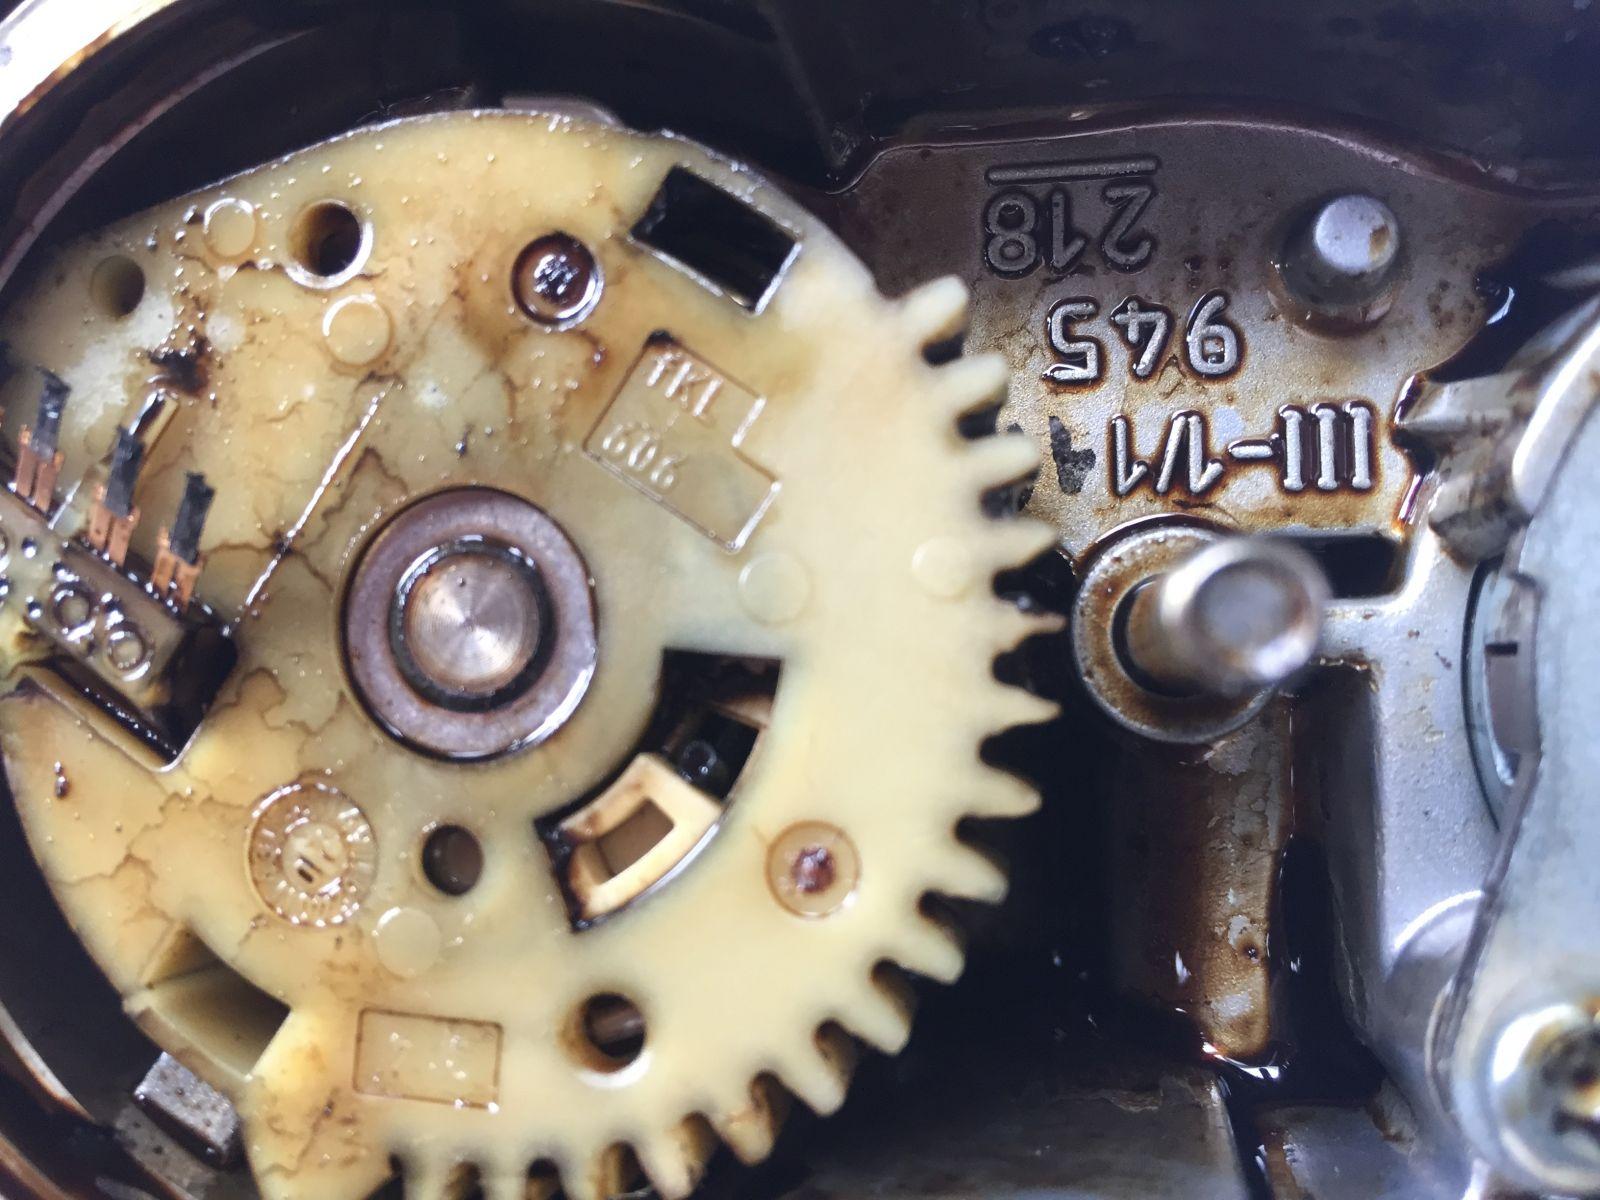 ремонт дроссельной заслонки вольво хс90 дизель